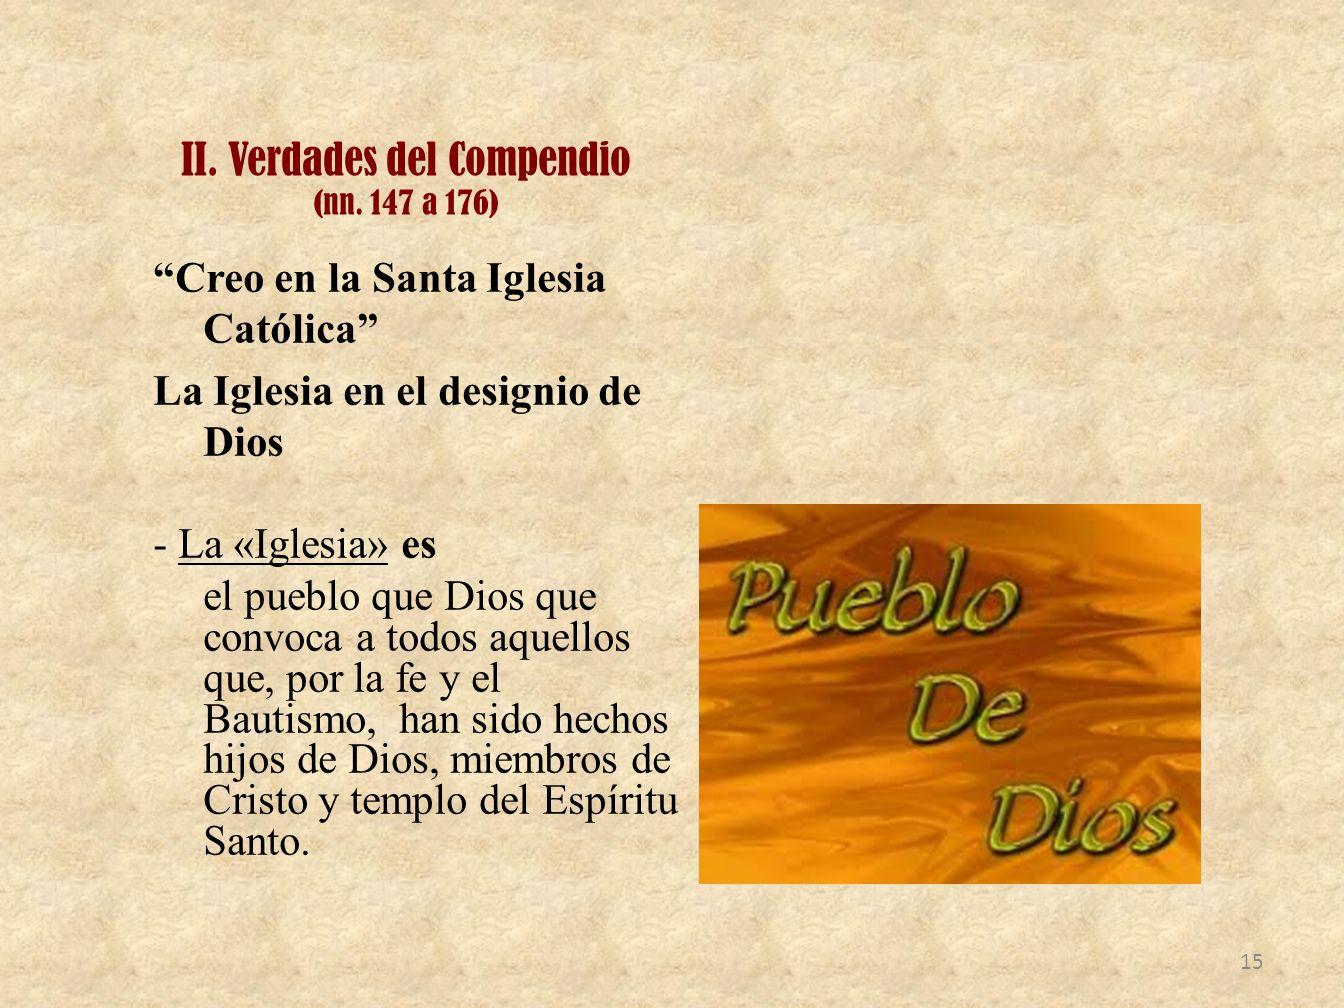 II. Verdades del Compendio (nn. 147 a 176) Creo en la Santa Iglesia Católica La Iglesia en el designio de Dios - La «Iglesia» es el pueblo que Dios qu